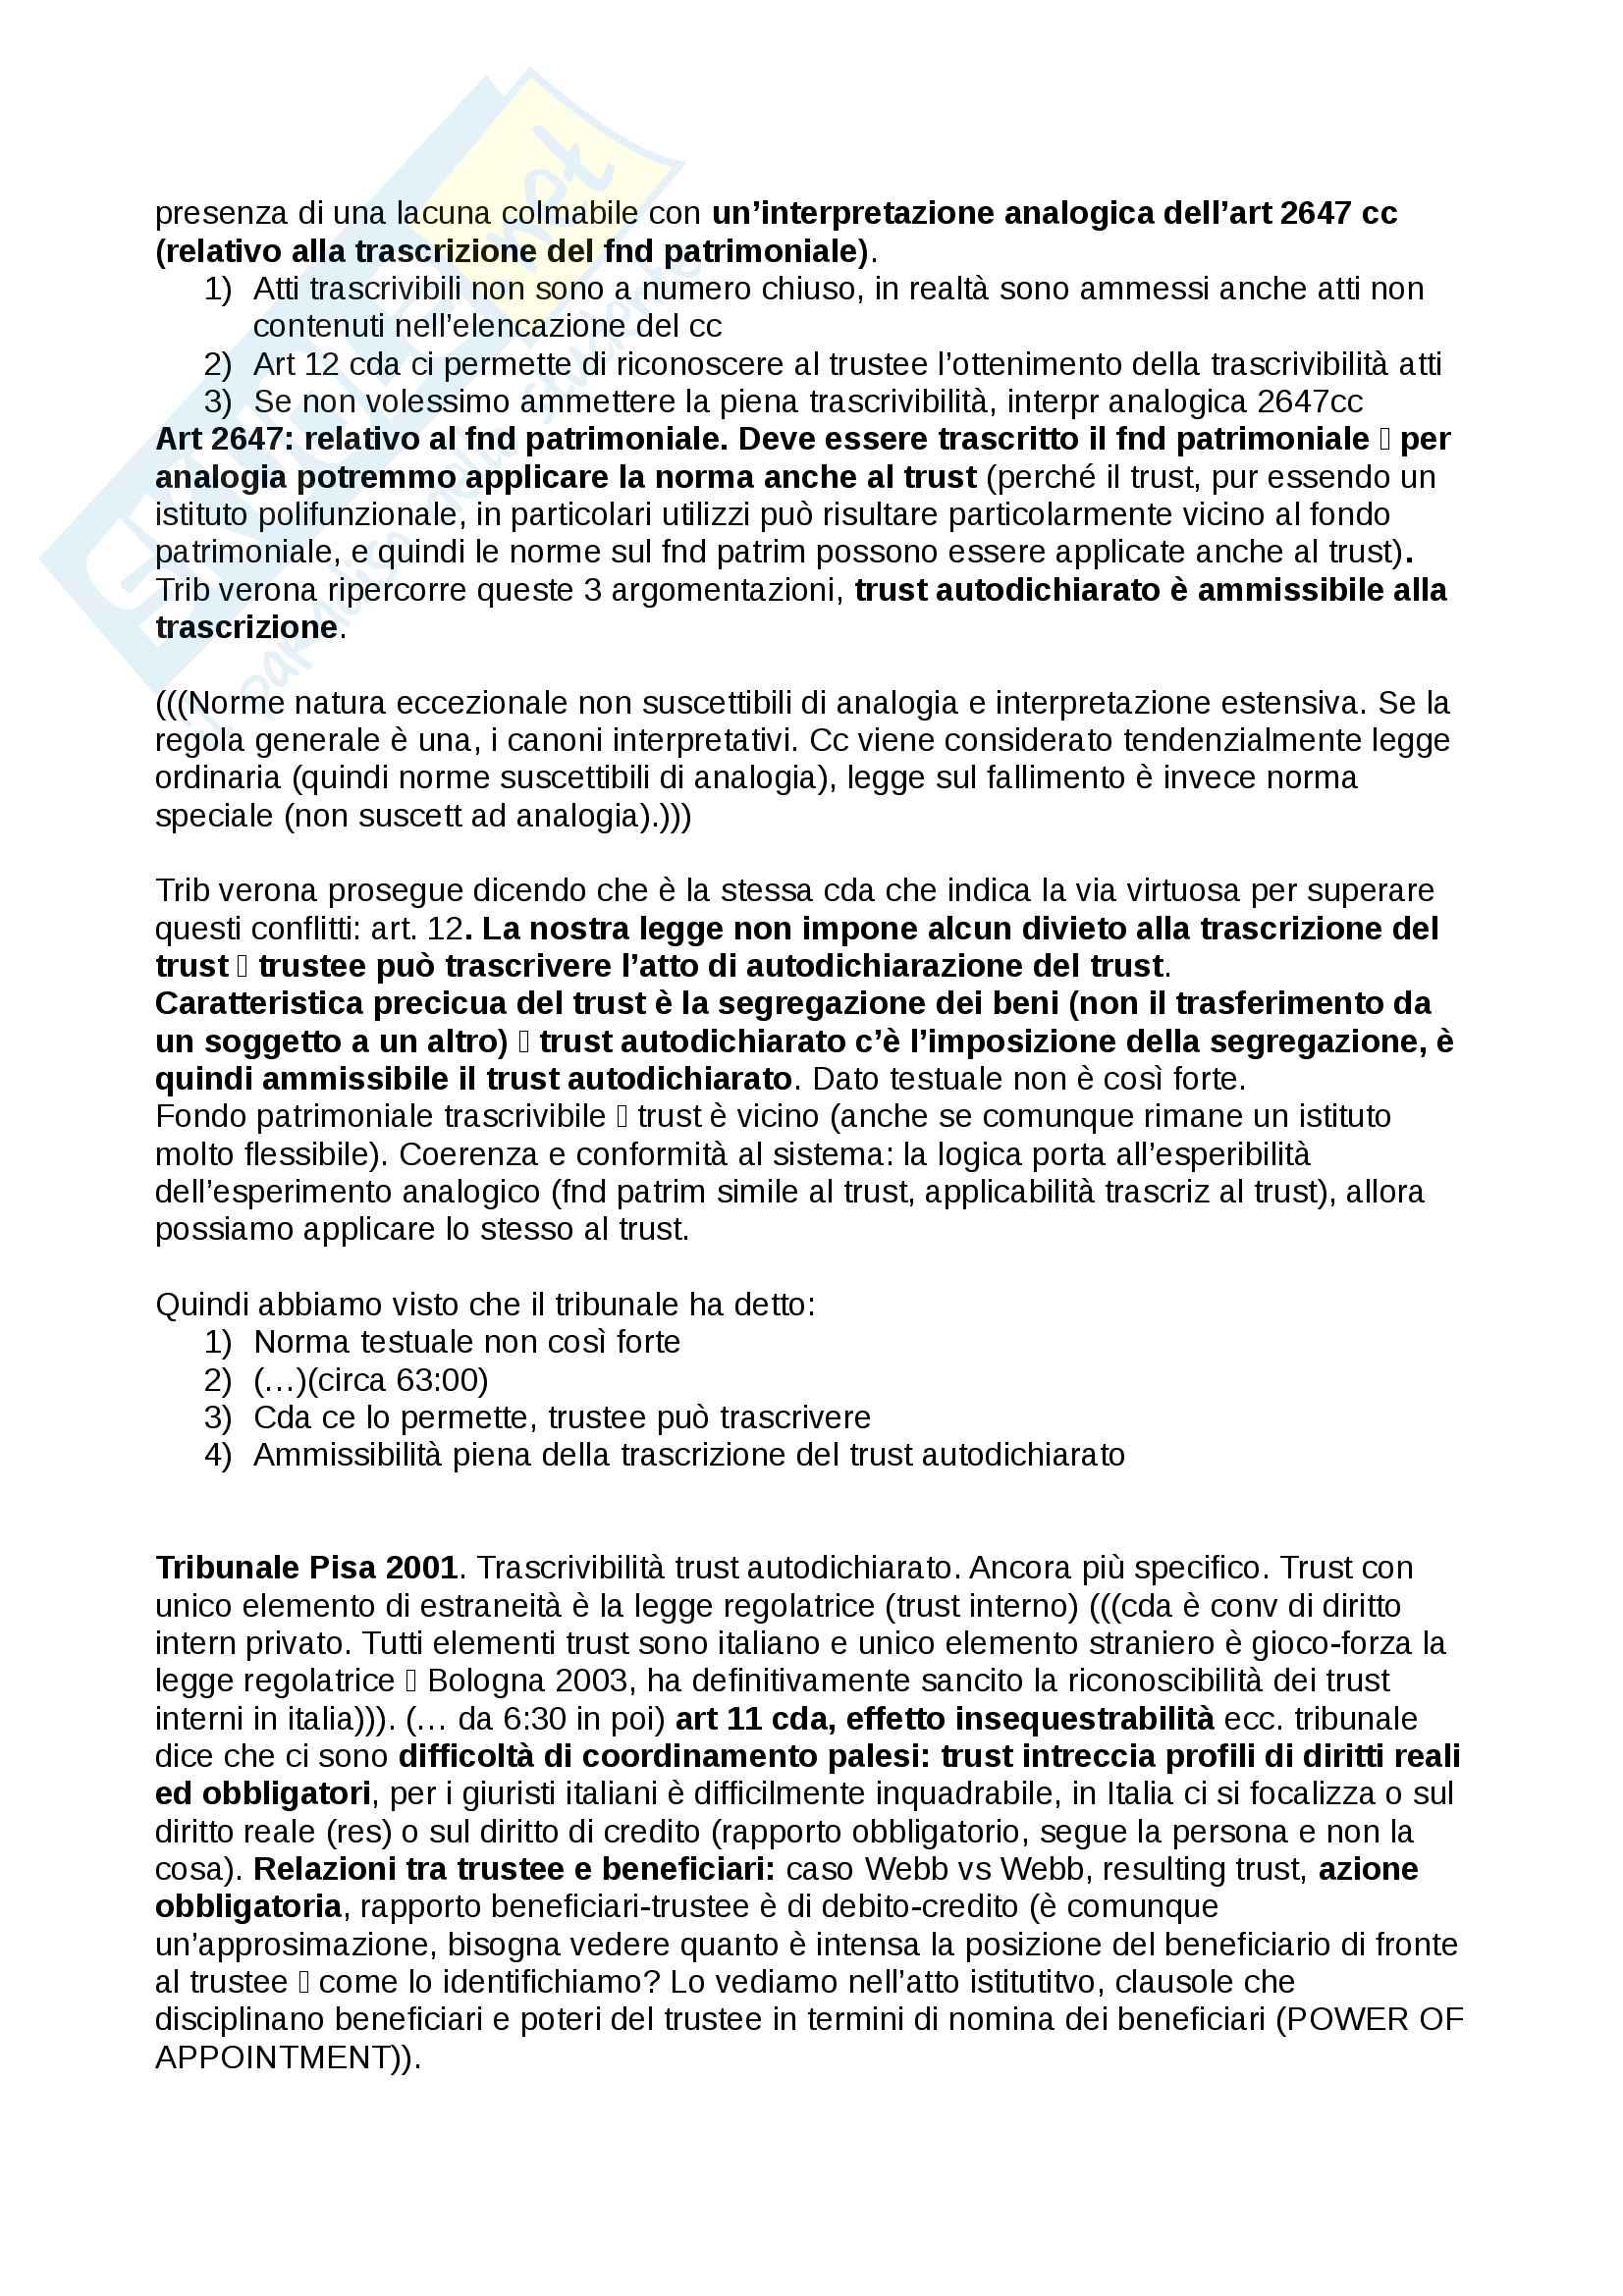 Trust, definizioni e casistiche - Diritto Commerciale Pag. 41